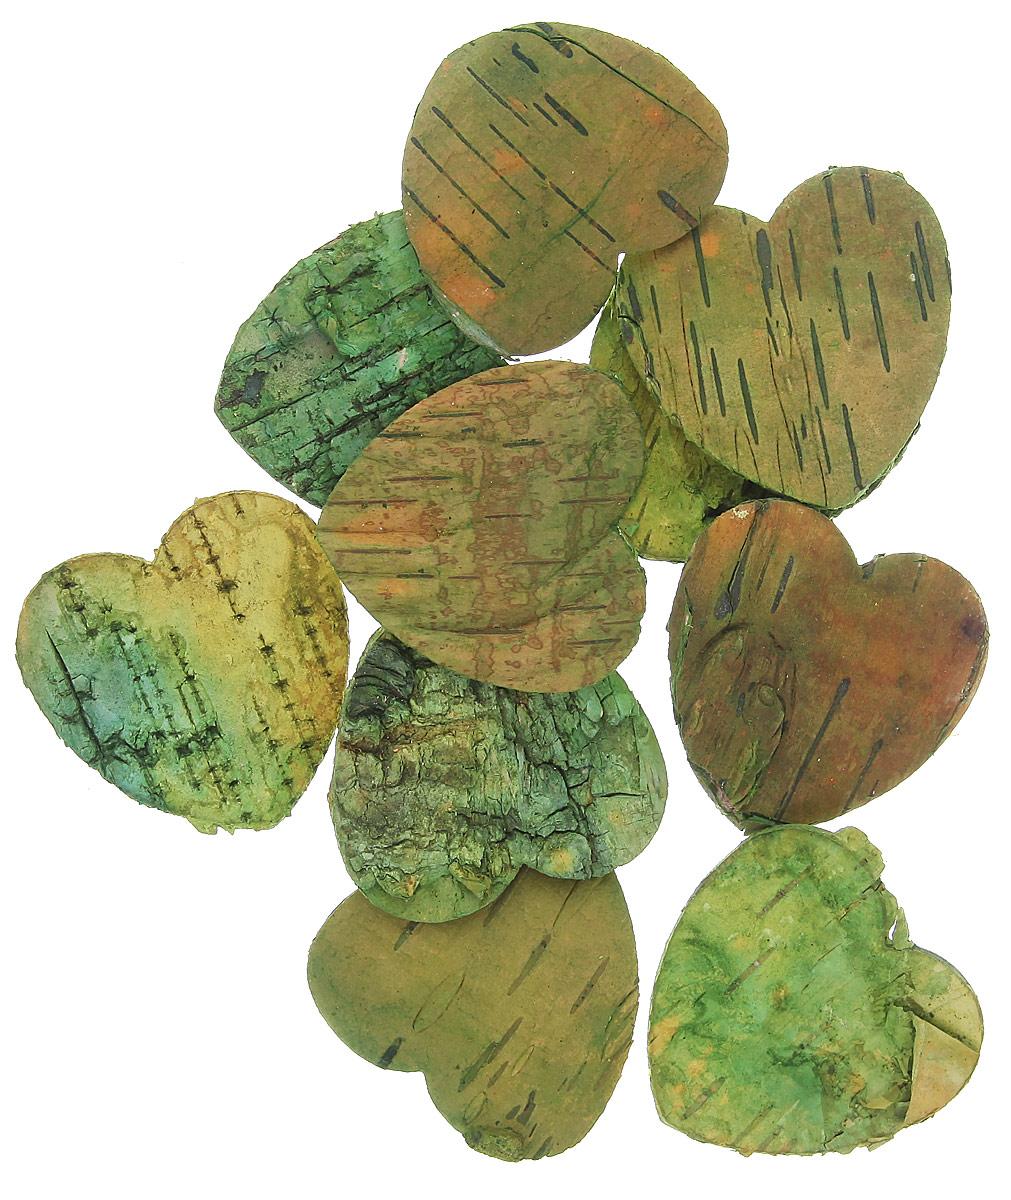 Декоративный элемент Dongjiang Art Сердце, цвет: зеленый, 10 шт7709004_зеленыйДекоративный элемент Dongjiang Art Сердце, изготовленный из натуральной коры дерева, предназначен дляукрашения цветочных композиций. Изделие можно также использовать в технике скрапбукинг и многом другом.Флористика - вид декоративно-прикладного искусства, который использует живые, засушенные иликонсервированные природные материалы для создания флористических работ. Это целый мир, в котором естьместо и строгому математическому расчету, и вдохновению. Размер одного элемента: 5 см х 5 см.